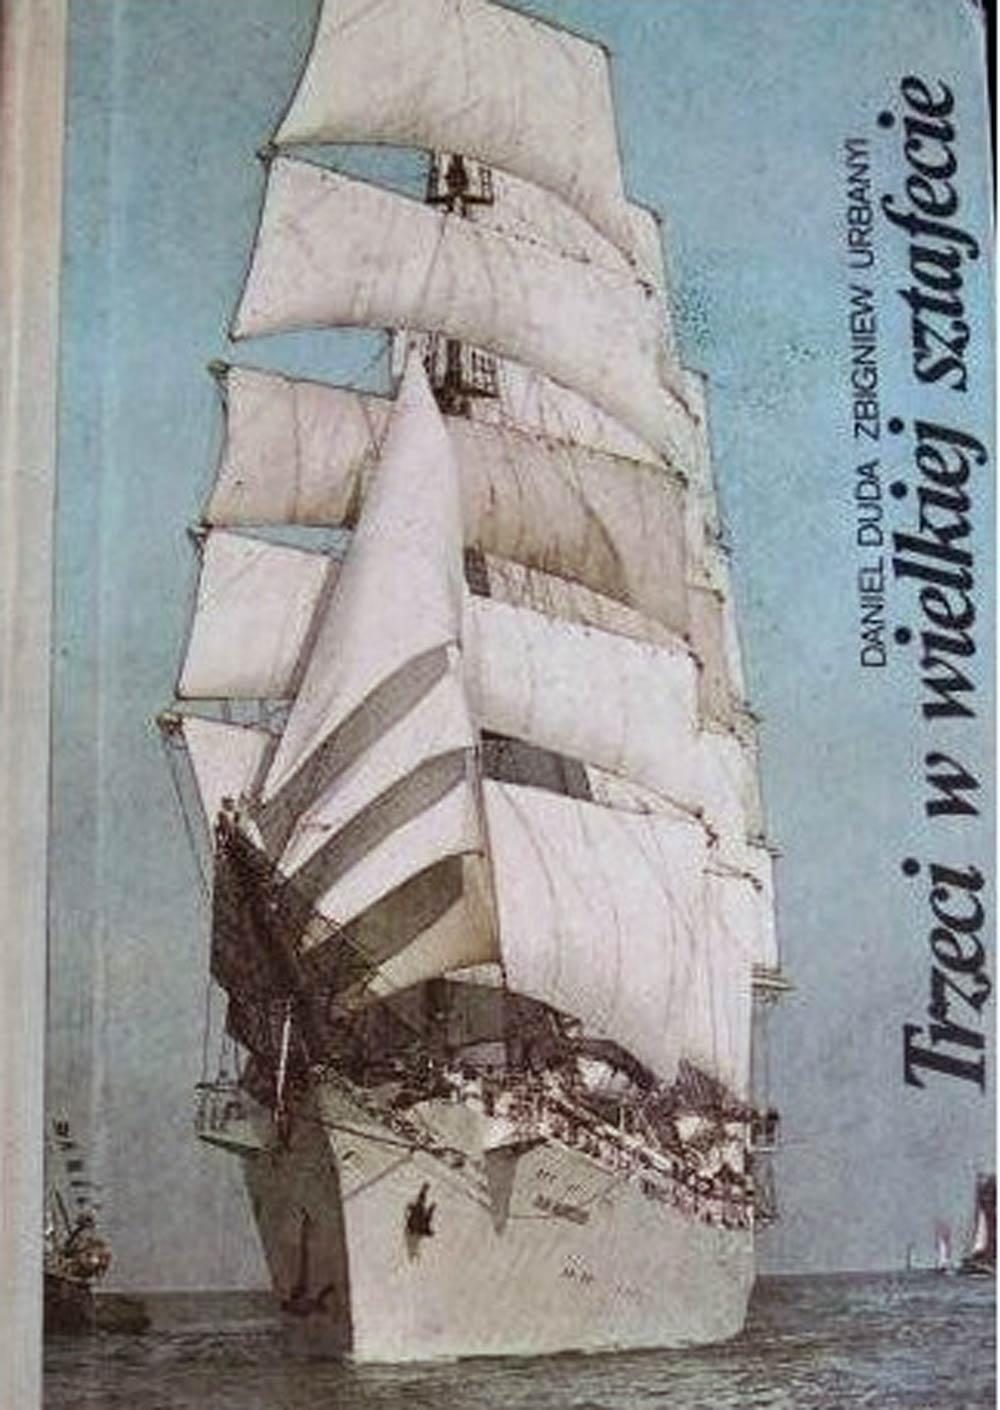 """[Statek DAR MŁODZIEŻY] Trzeci w wielkiej sztafecie / Daniel Duda, Zbigniew Urbanyi. - Bydgoszcz : """"Pomorze"""", 1986. - 372 s."""